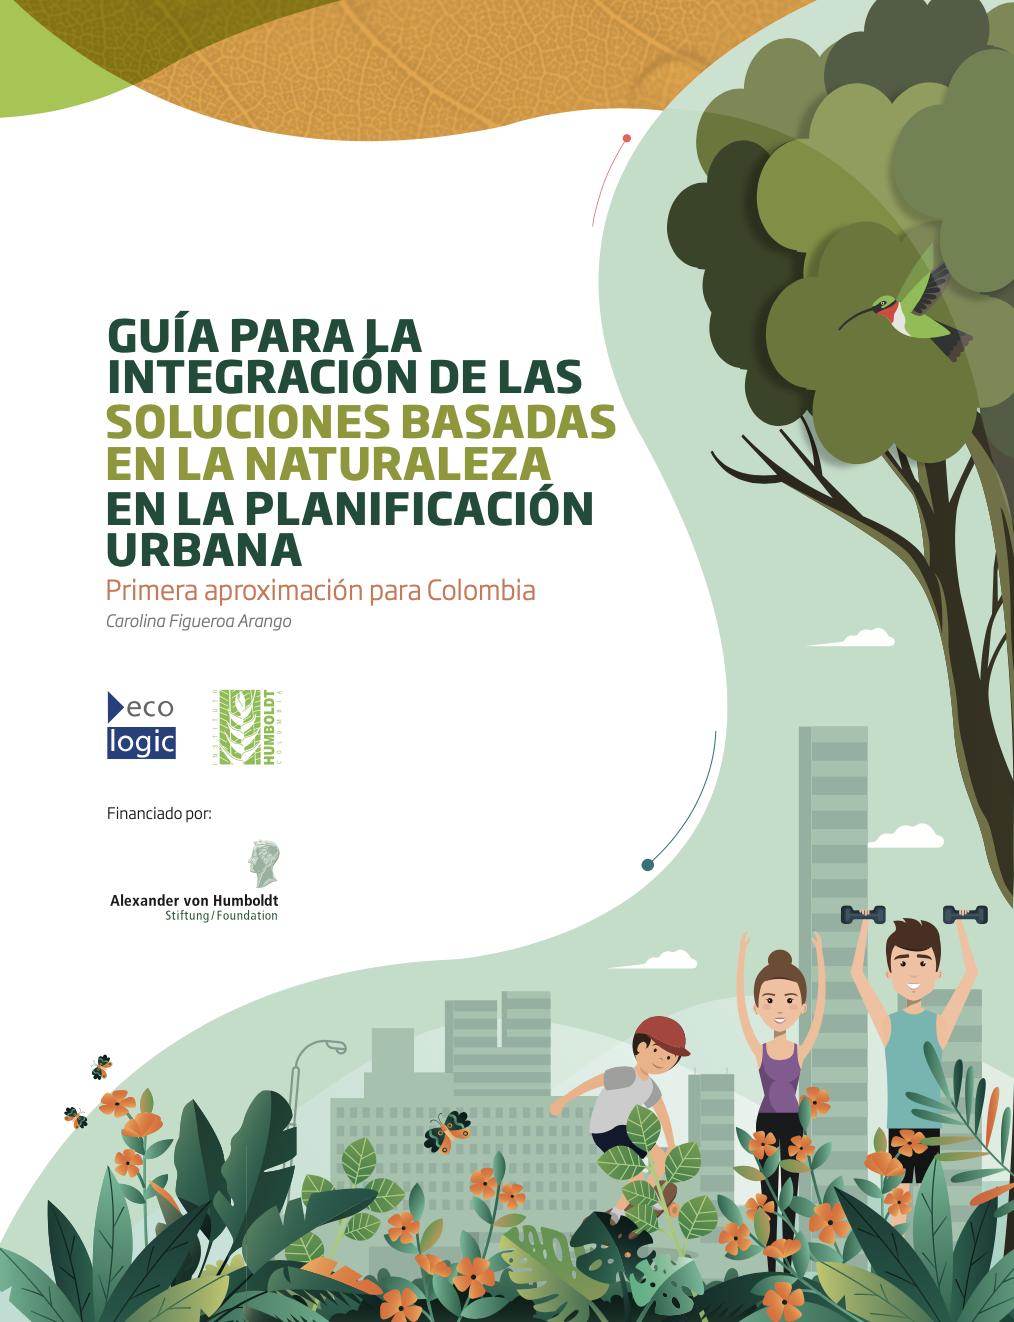 La Guía para la integración de las Soluciones Basadas en la Naturaleza en la planificación urbana, primera aproximación para Colombia